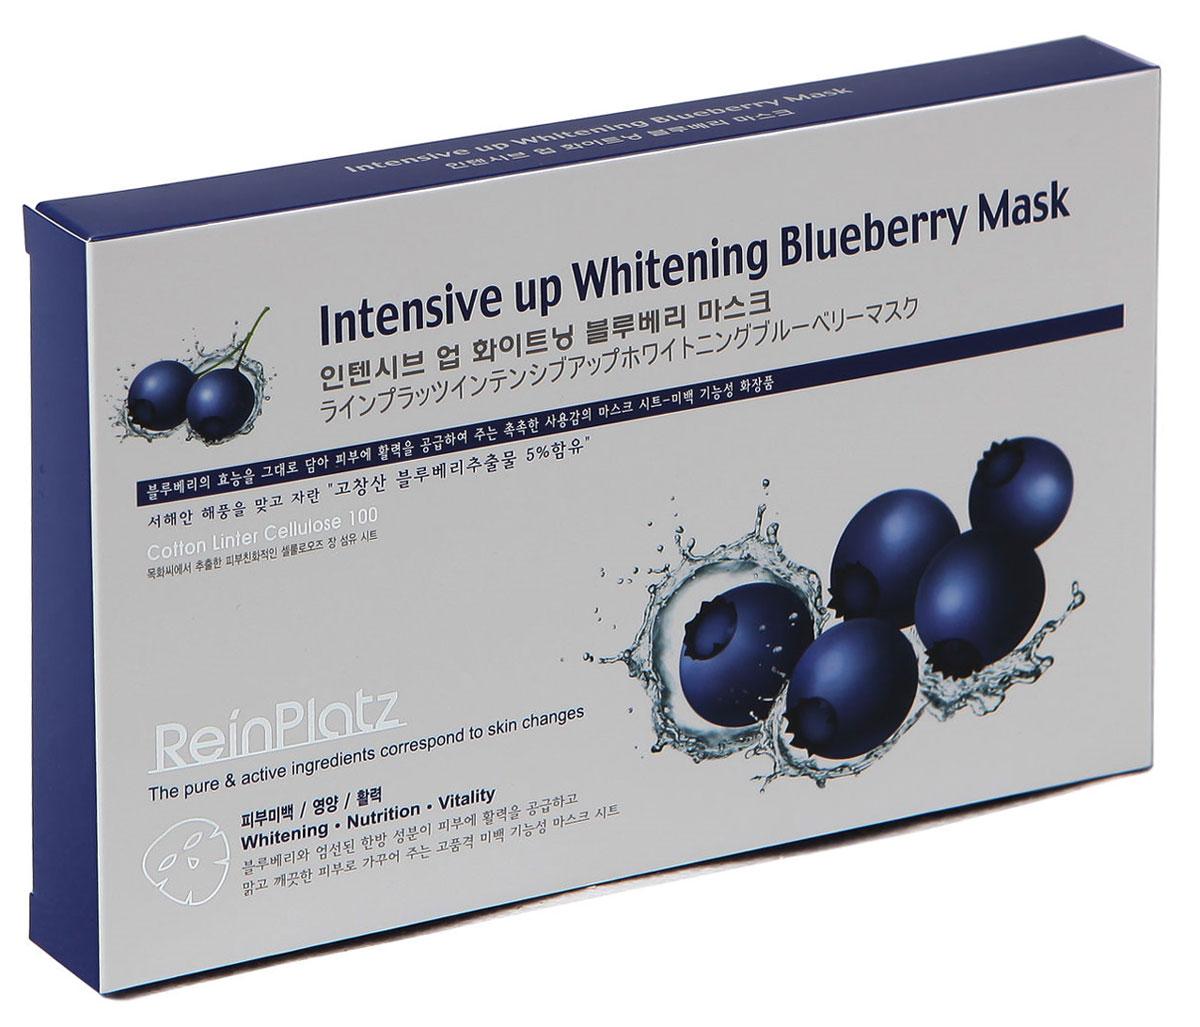 LS Cosmetic Маска для лица с экстрактом голубики, 25 г1473Лицевая маска-салфетка с голубикой содержит Витамин В3 (ниацинамид), который обладает несколькими мощными эффектами - увеличение церамидов и свободных жирных кислот в коже – то есть восстанавливается нарушенная барьерная функция кожи и уменьшается потеря влаги. Таким образом ниацинамид предохраняет кожу от обезвоживания и стимулирует микроциркуляцию в дерме. Он также может выравнивать неровный тон кожи, смягчать проявление акне и убирать красные следы пост-акне (известные как пост-противовоспалительная гиперпигментация кожи). Ниацинамид особенно подходит для тех, кто борется с морщинами и акне. Маска содержит Витамин С (натрия аскорбилфосфат), который помогает осветлить и очистить лицо (антиокислительное действие, стимуляция синтеза коллагена в дермальном слое, уменьшение гиперпигментации и осветление кожи), а так же Витамин Е (токоферолацетат), который укрепляет и защищает кожу и держит ее здоровой. Флавониды (витамин Р) укрепляют стенки сосудов, нормализуют кровообращение и обладают...